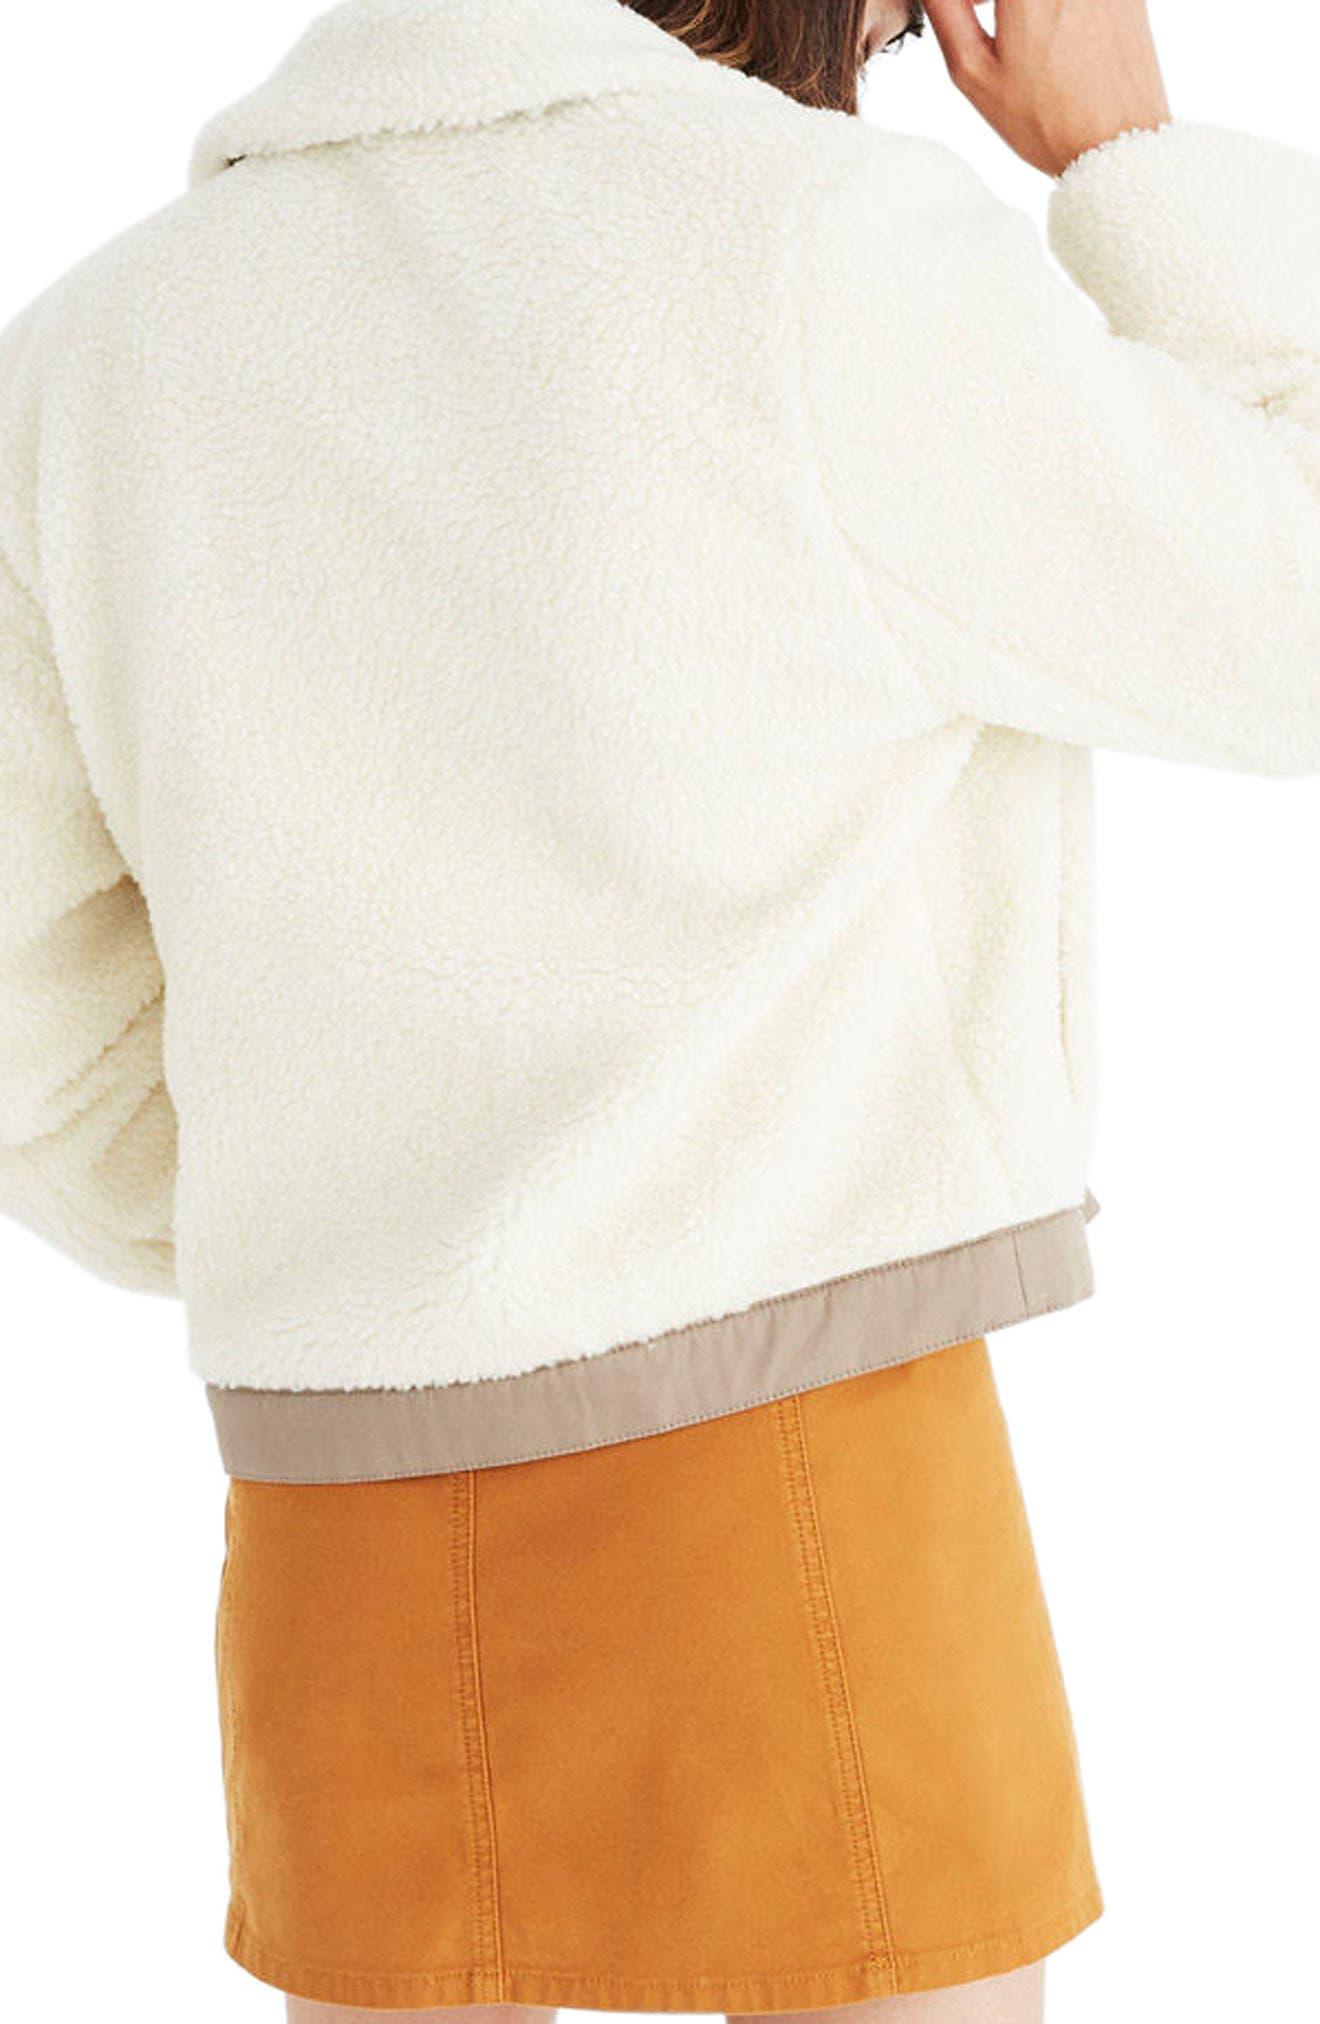 Portland Fleece Jacket,                         Main,                         color, 110